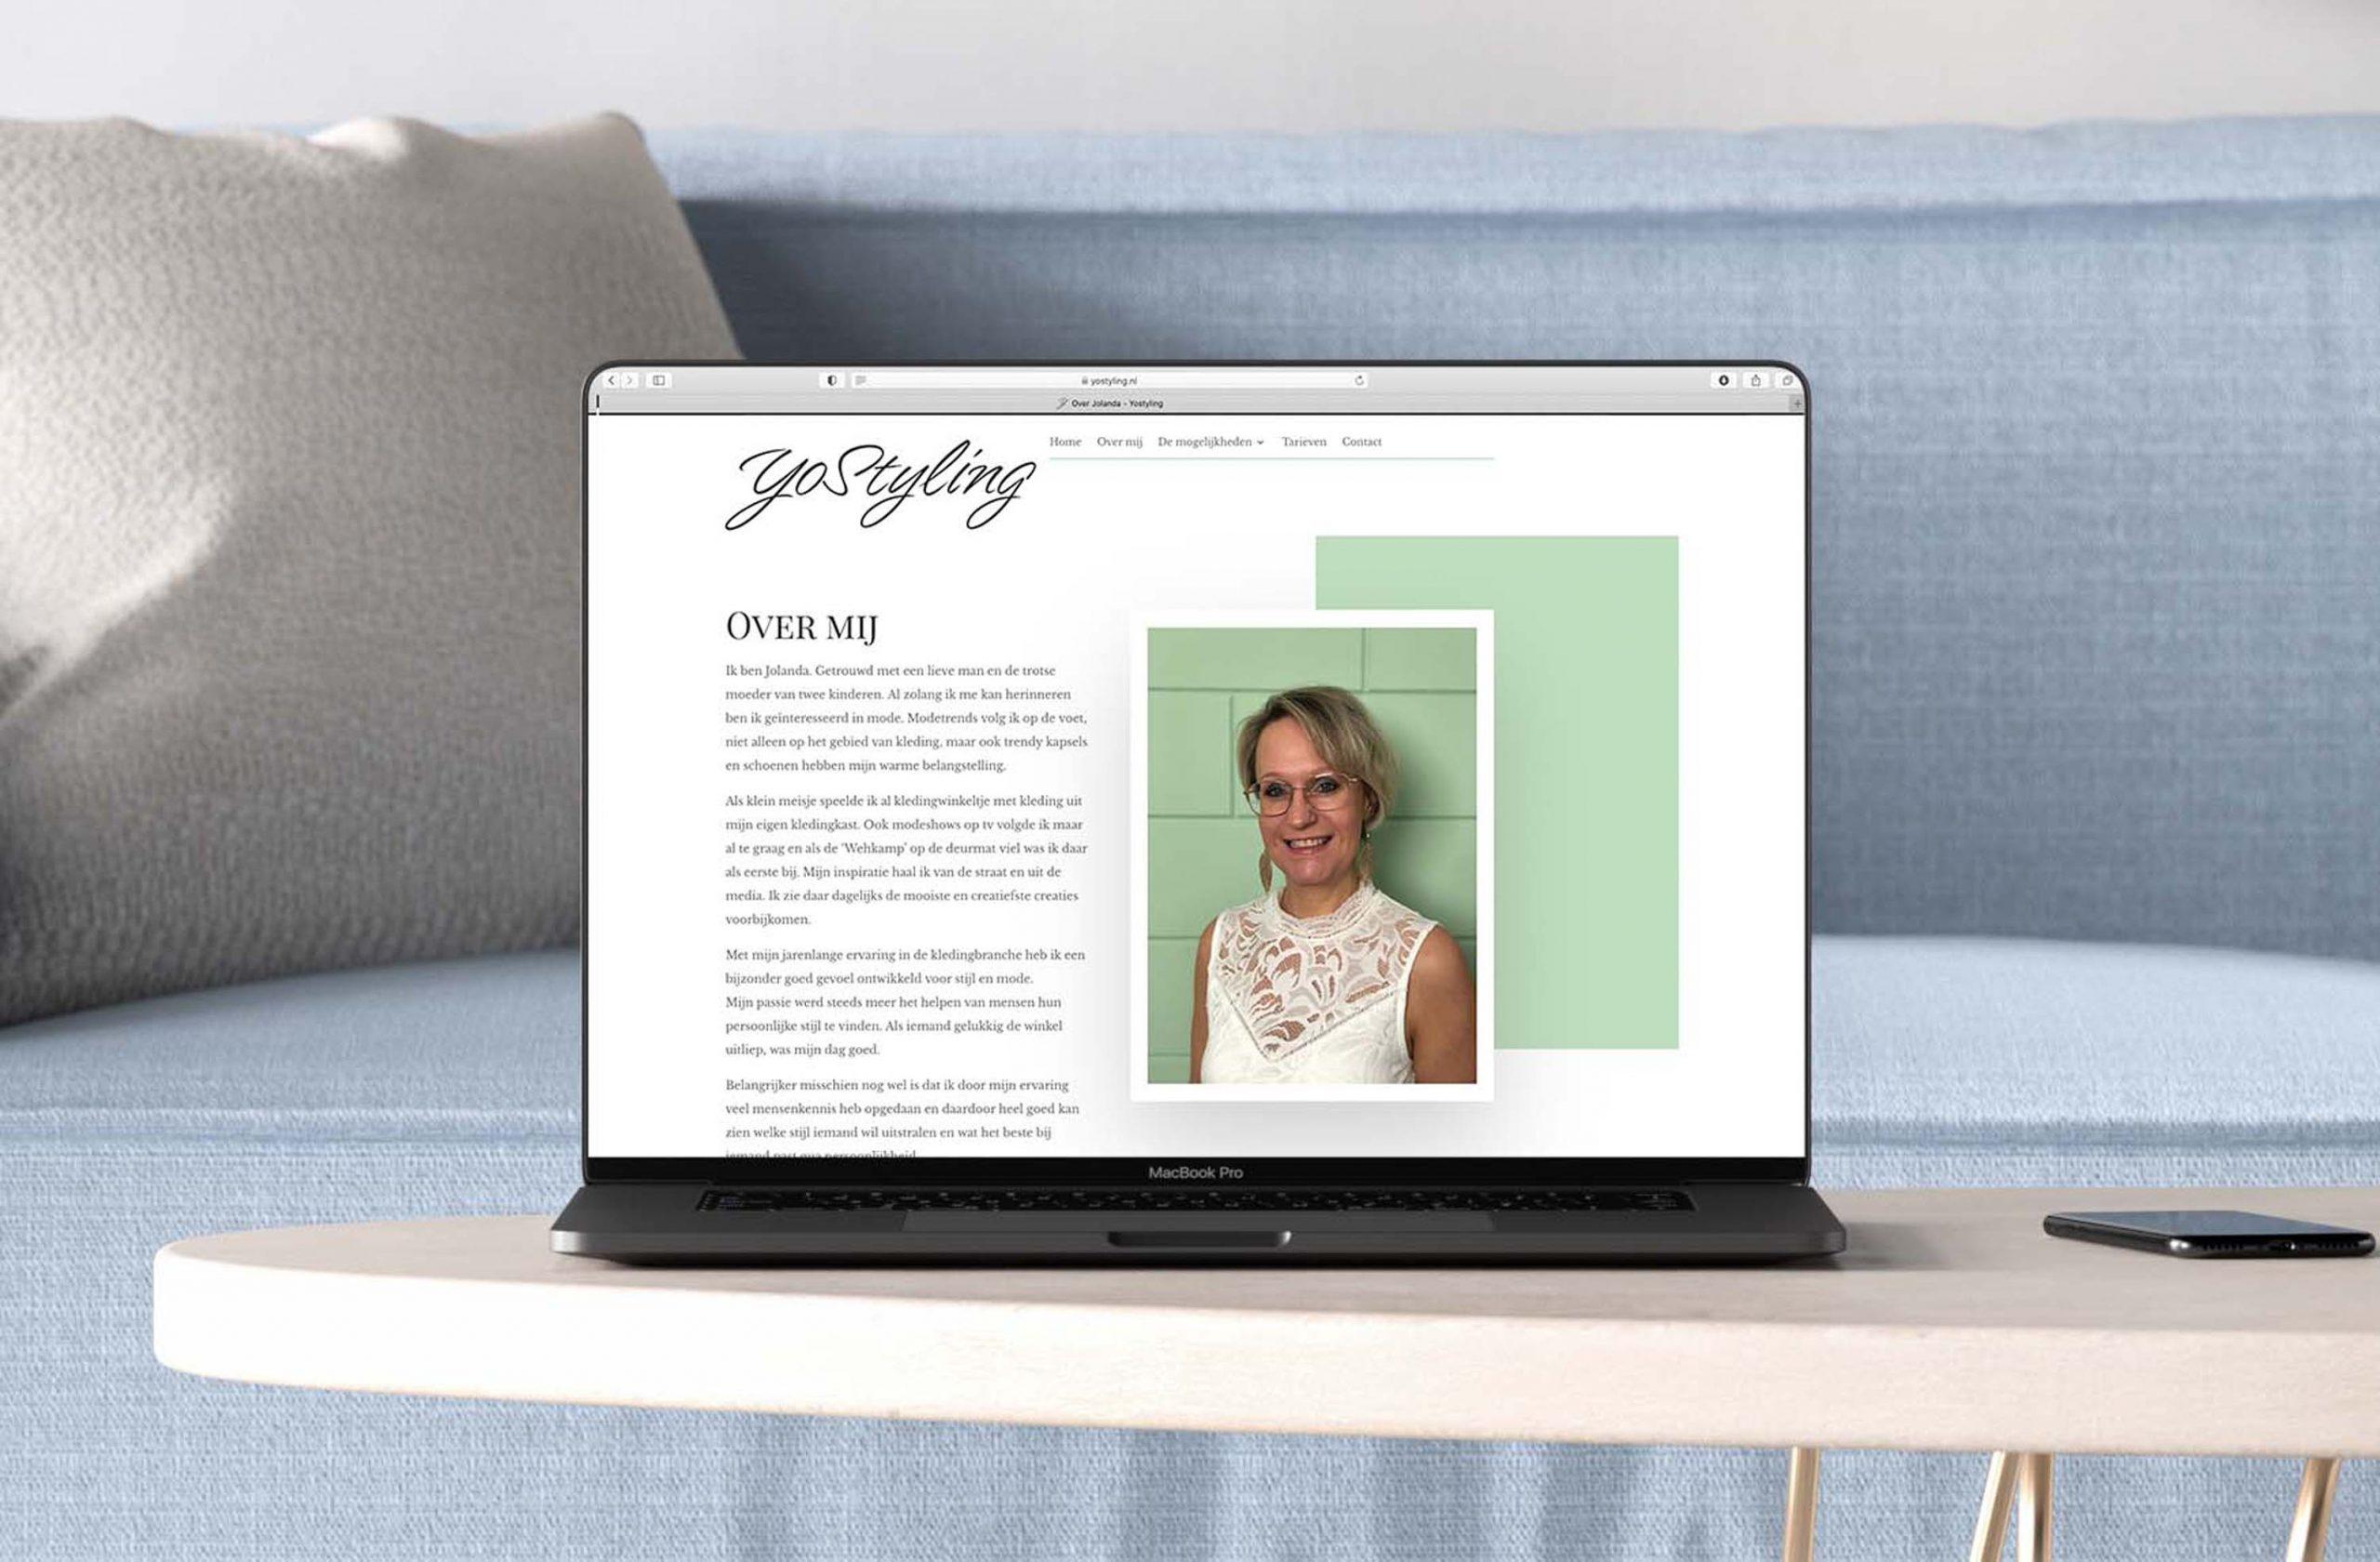 Yostyling | Personal Styling & Personal Shopper